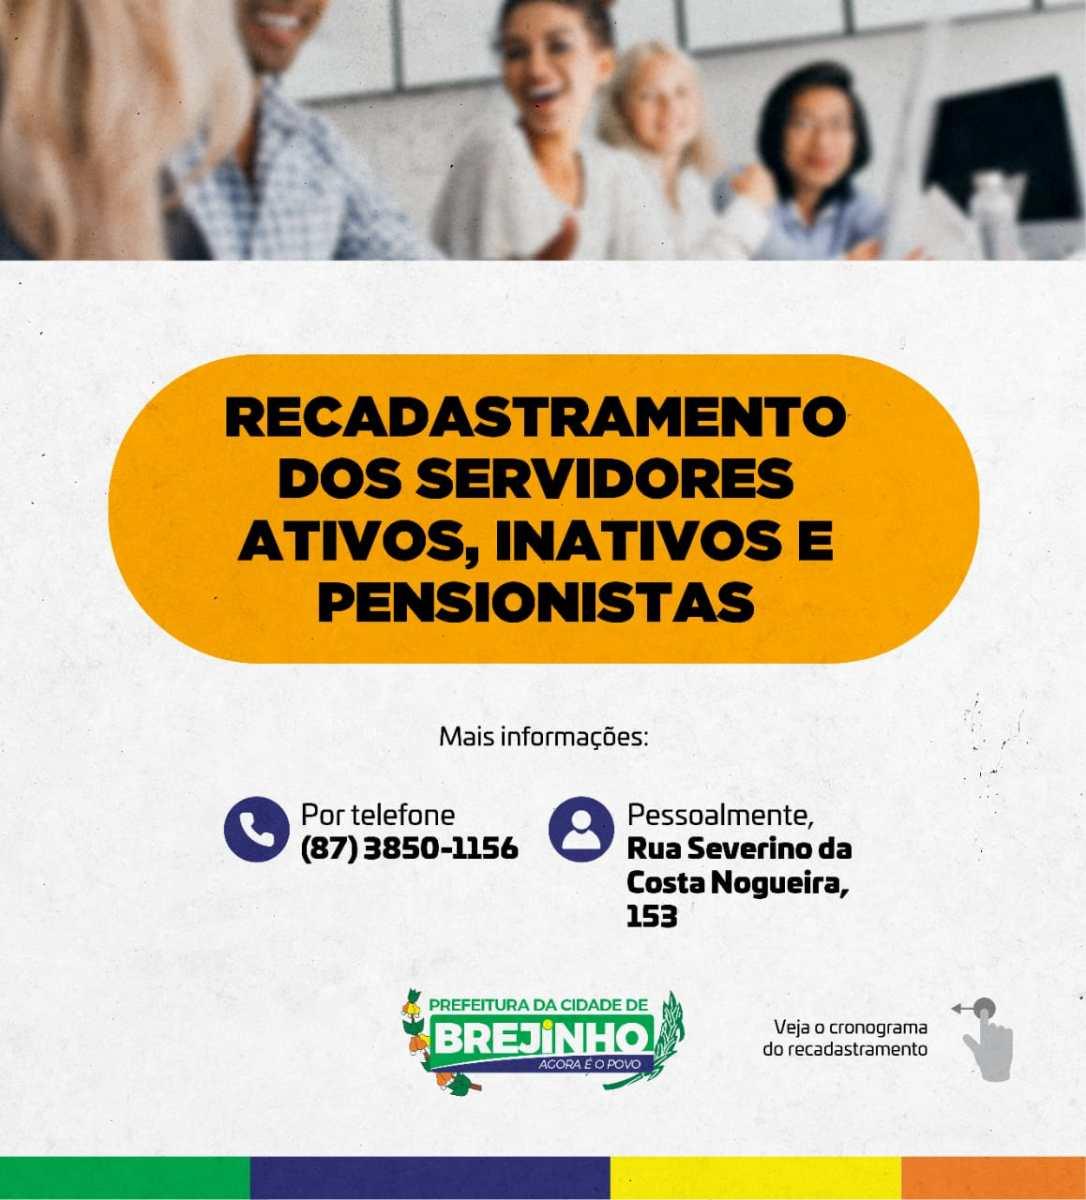 Prefeitura de Brejinho inicia recadastramento de servidores e inativos nesta segunda (11)